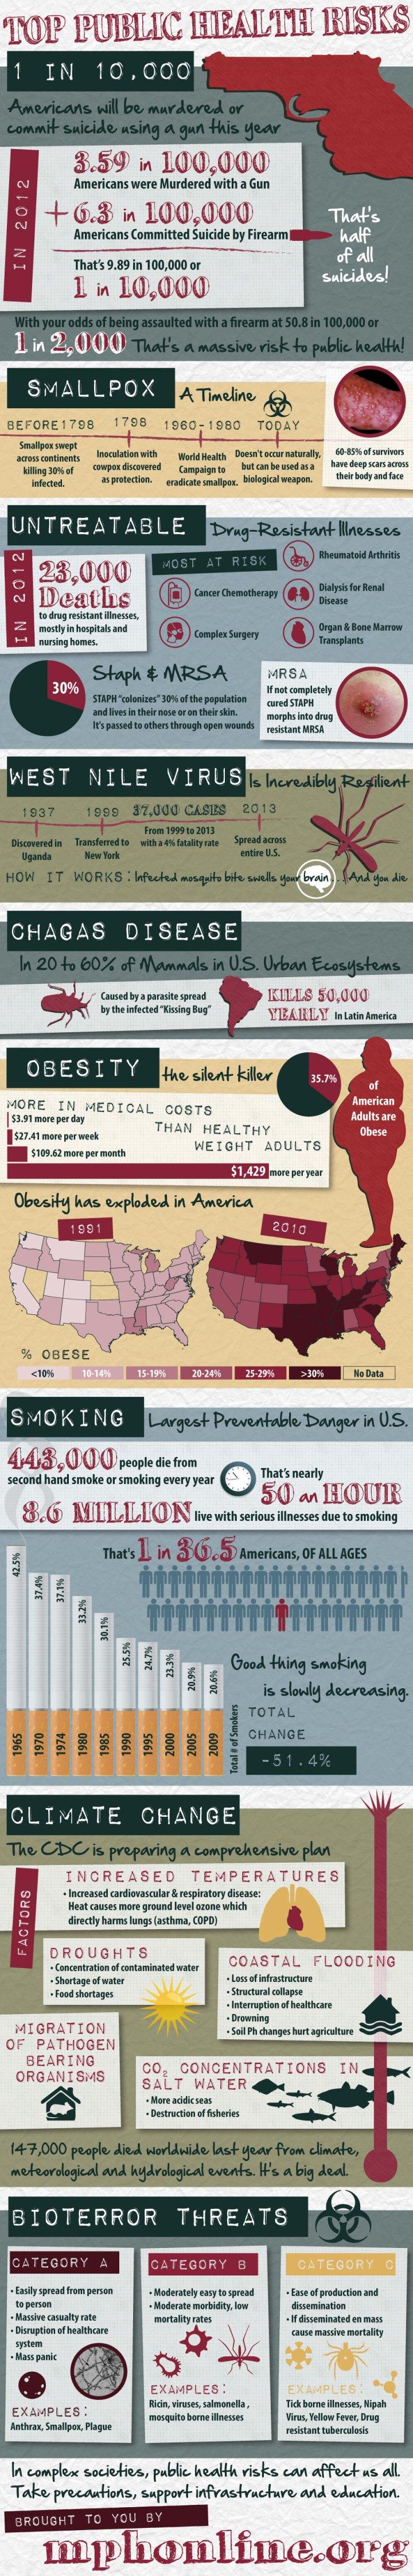 Top public health risks